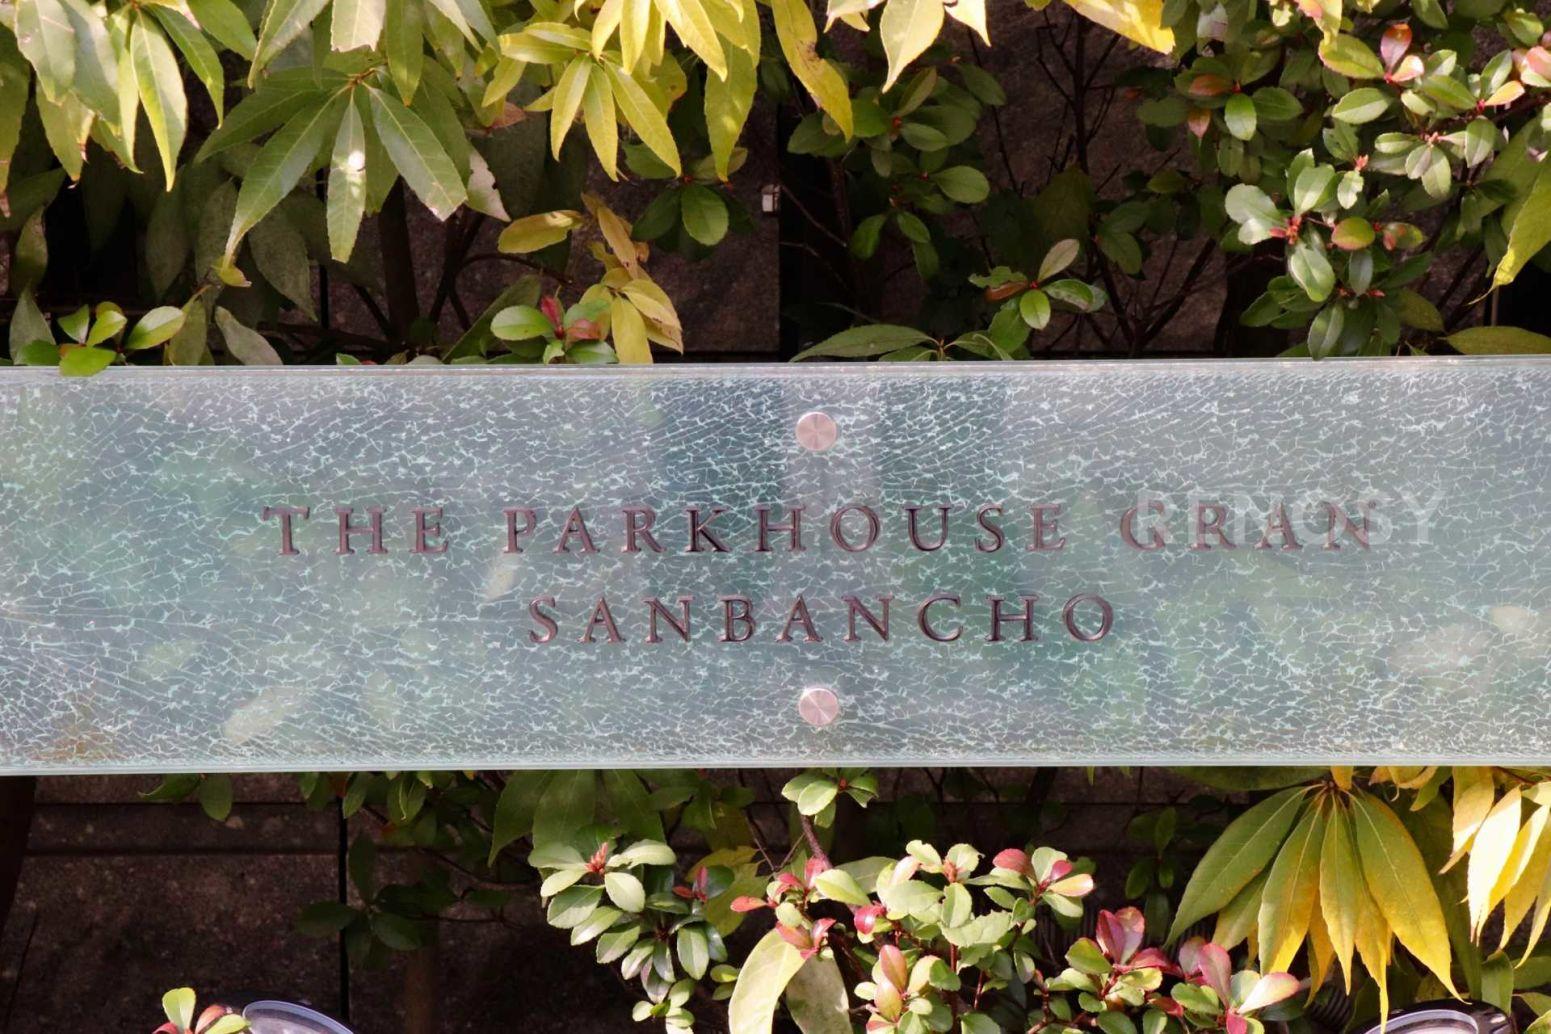 ザ・パークハウスグラン三番町